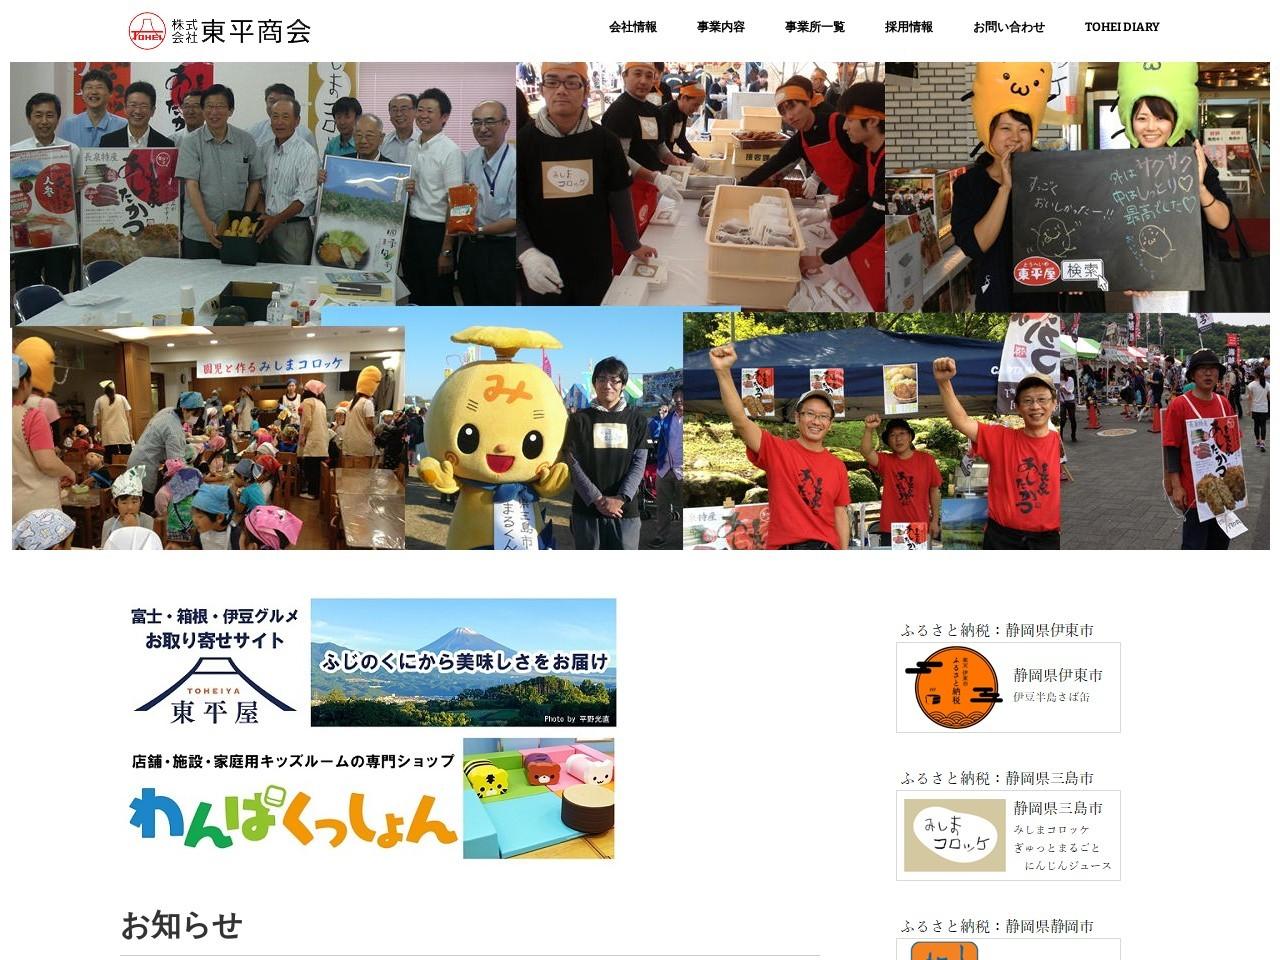 株式会社東平商会浜松工場